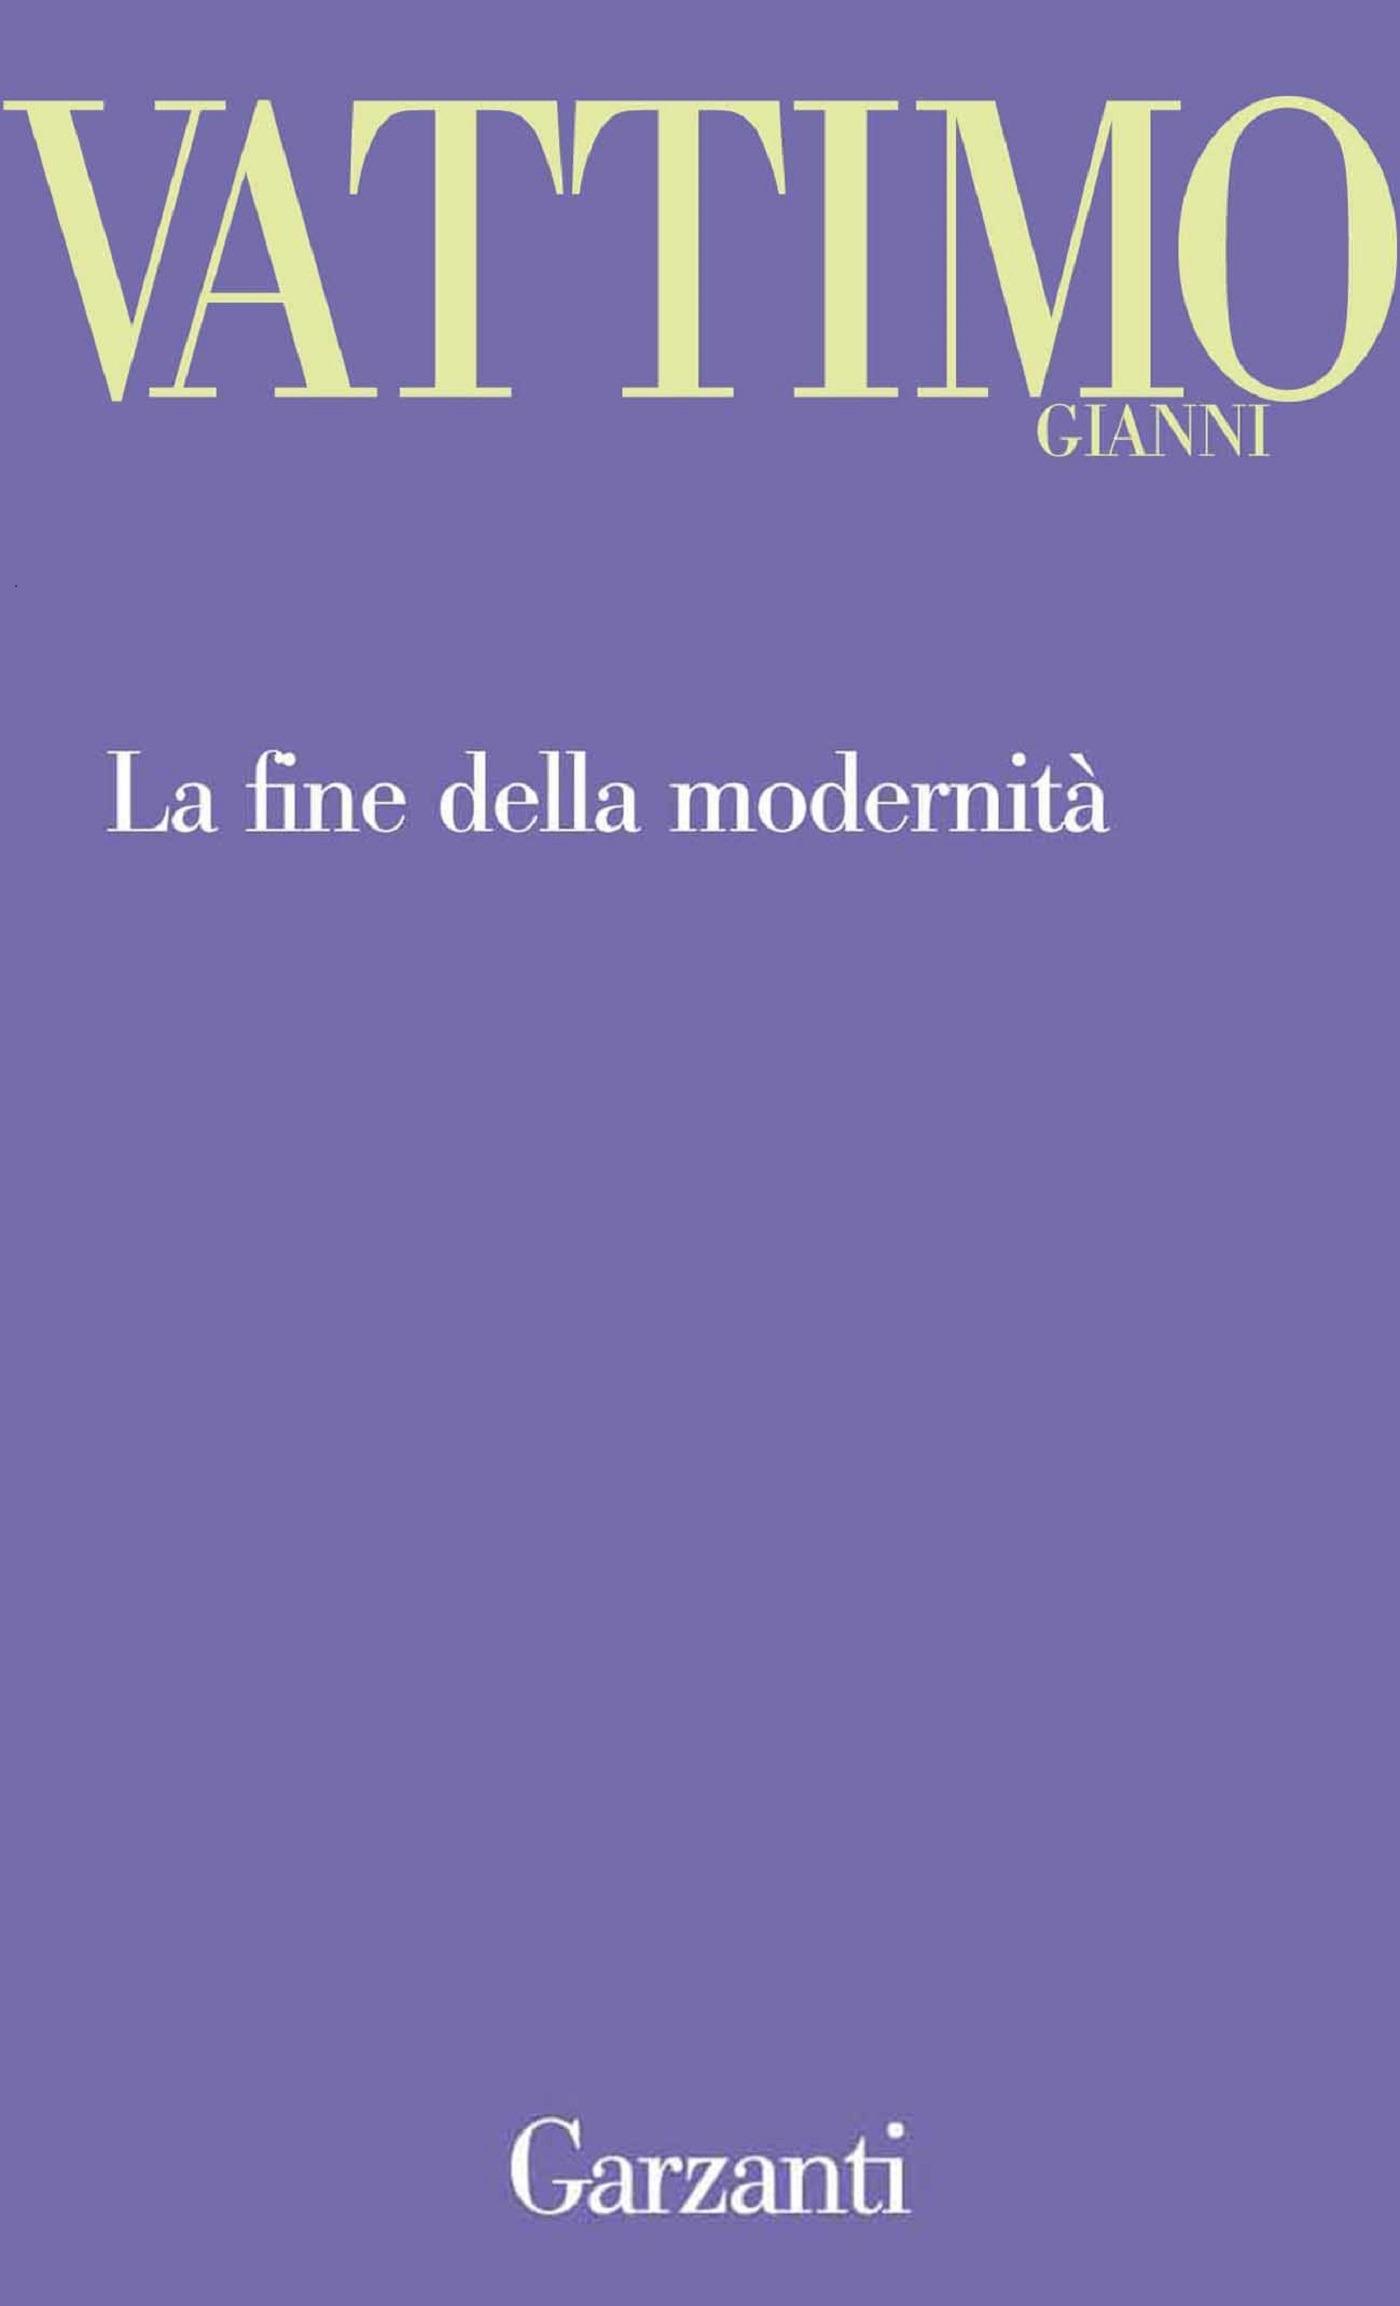 La fine della modernità